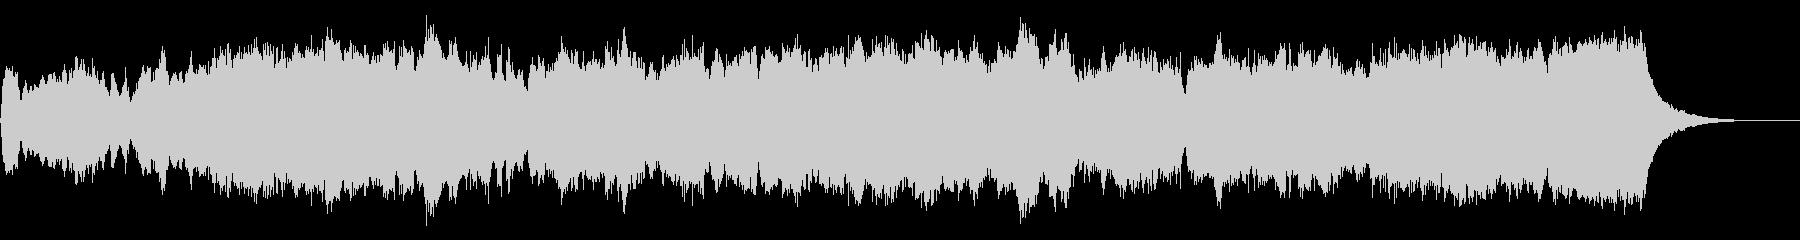 パイプオルガンのフーガ No.25の未再生の波形